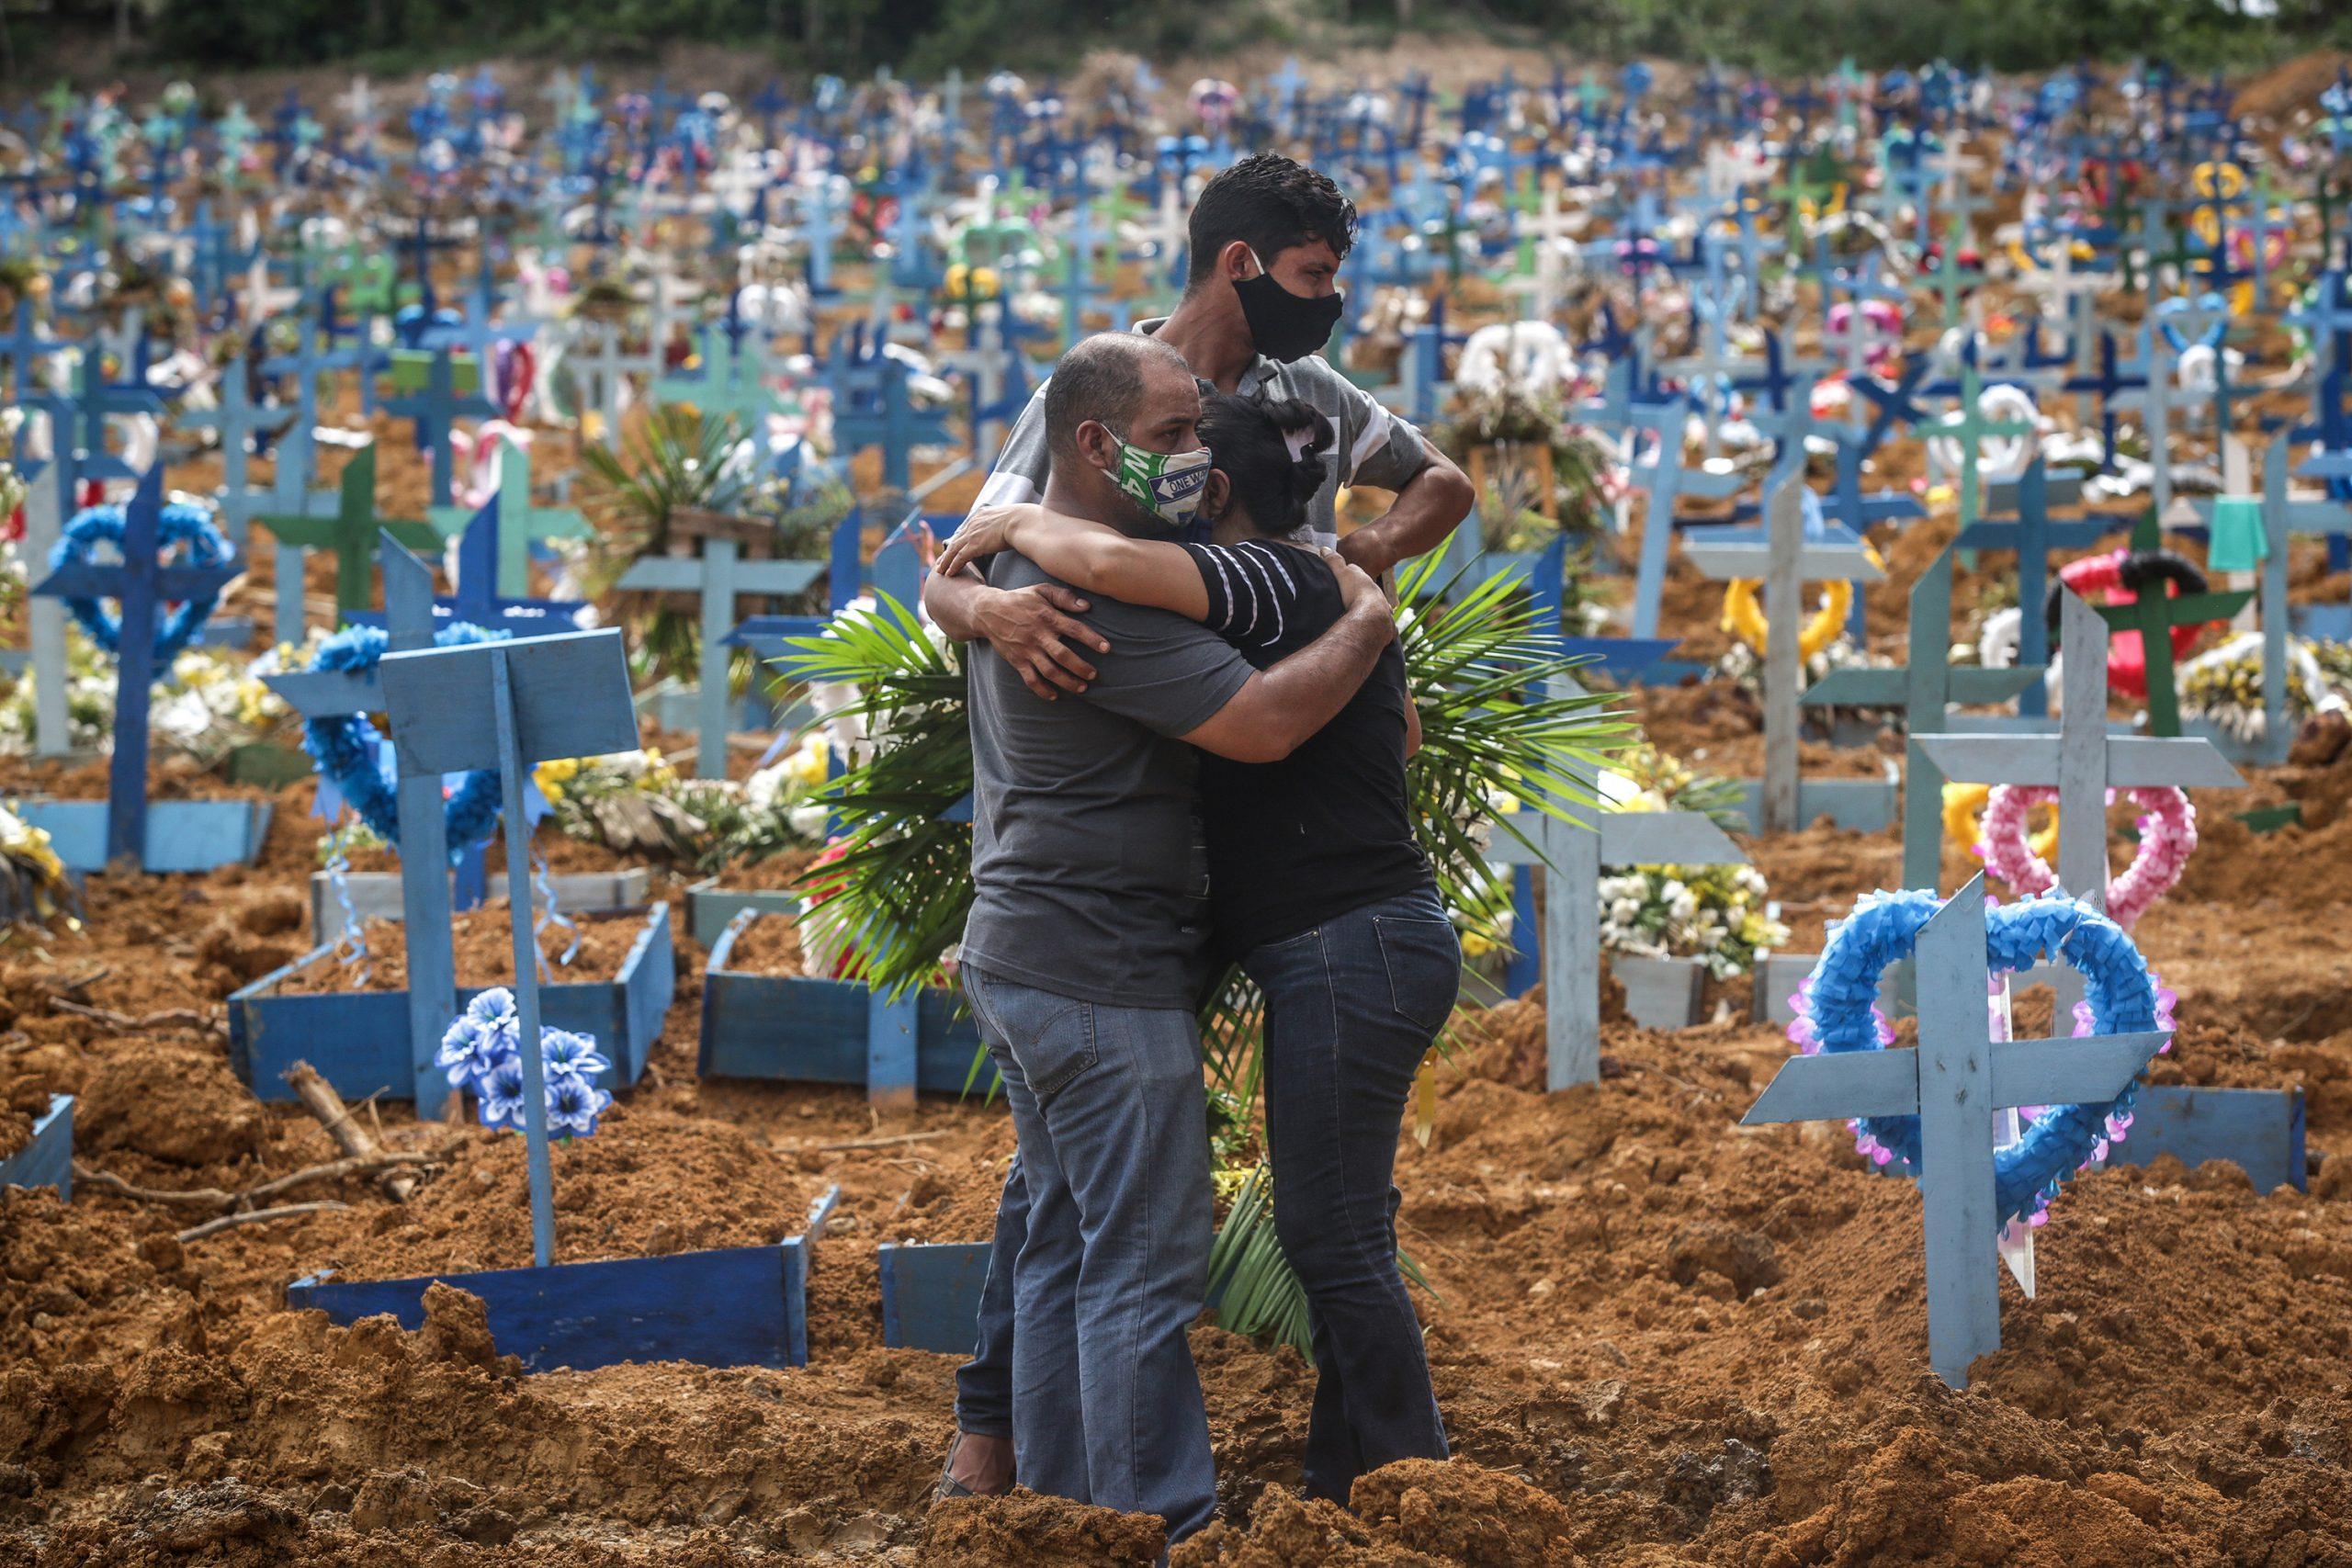 新型コロナで多大な犠牲を払ったブラジルは世界の指標となるか?